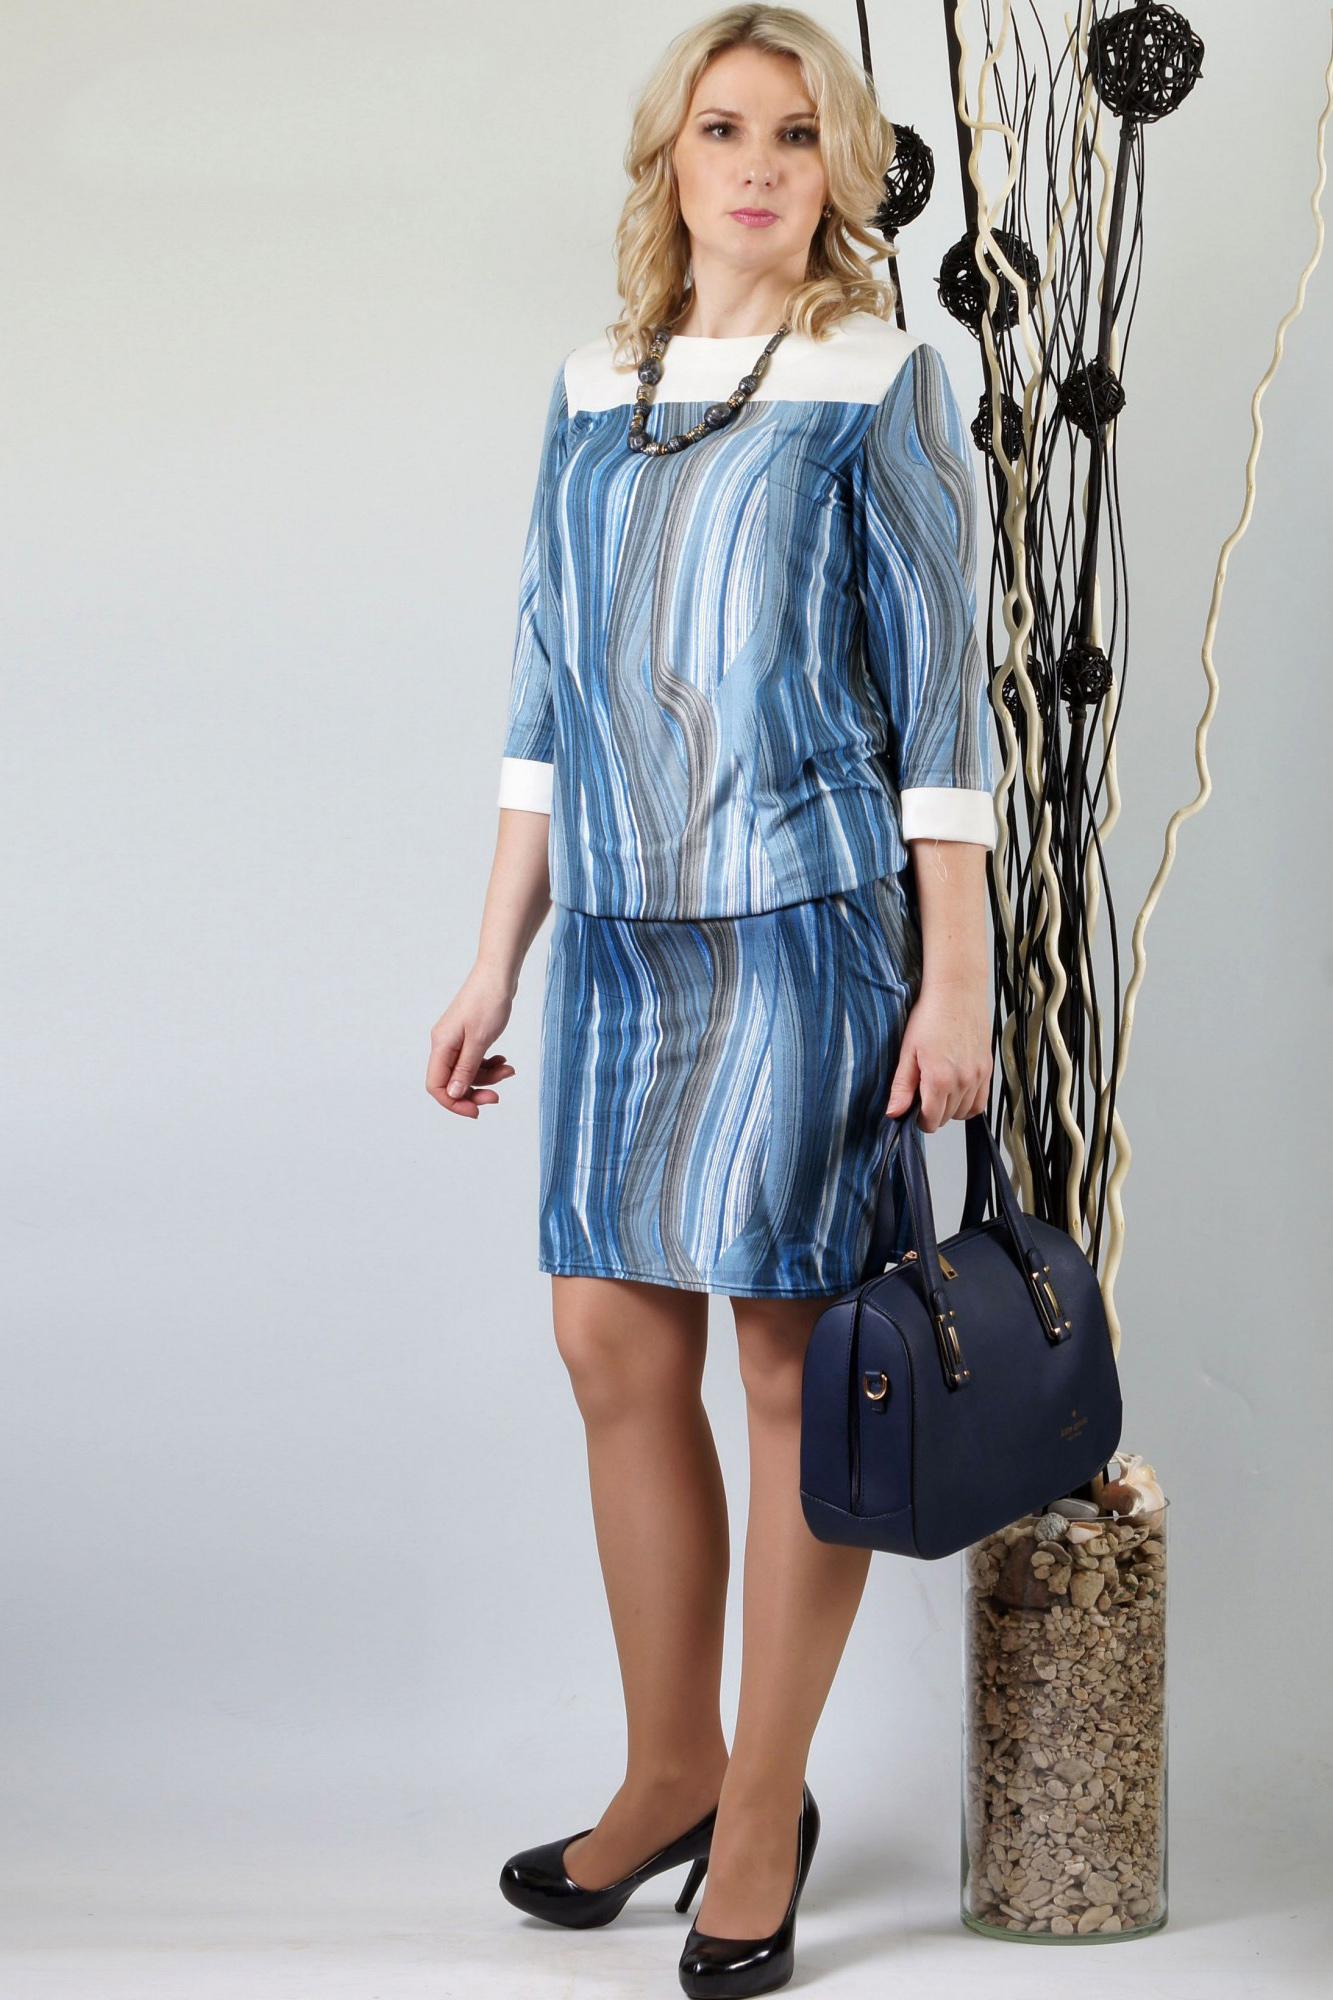 ПлатьеПлатья<br>Комфортное платье свободного кроя из нежной замши. Молочная кокетка освежает образ. Модель подойдет как для работы так и для отдыха. Рукав 3/4.  Длина около 96-110 см. в зависимости от размера  В изделии использованы цвета: голубой, белый, синий  Ростовка изделия 170 см.<br><br>Горловина: С- горловина<br>По длине: До колена<br>По материалу: Вискоза,Замша<br>По рисунку: В полоску,С принтом,Цветные<br>По силуэту: Полуприталенные<br>По стилю: Повседневный стиль<br>По форме: Платье - футляр<br>По элементам: С манжетами<br>Рукав: Рукав три четверти<br>По сезону: Осень,Весна,Зима<br>Размер : 52,56<br>Материал: Замша<br>Количество в наличии: 3